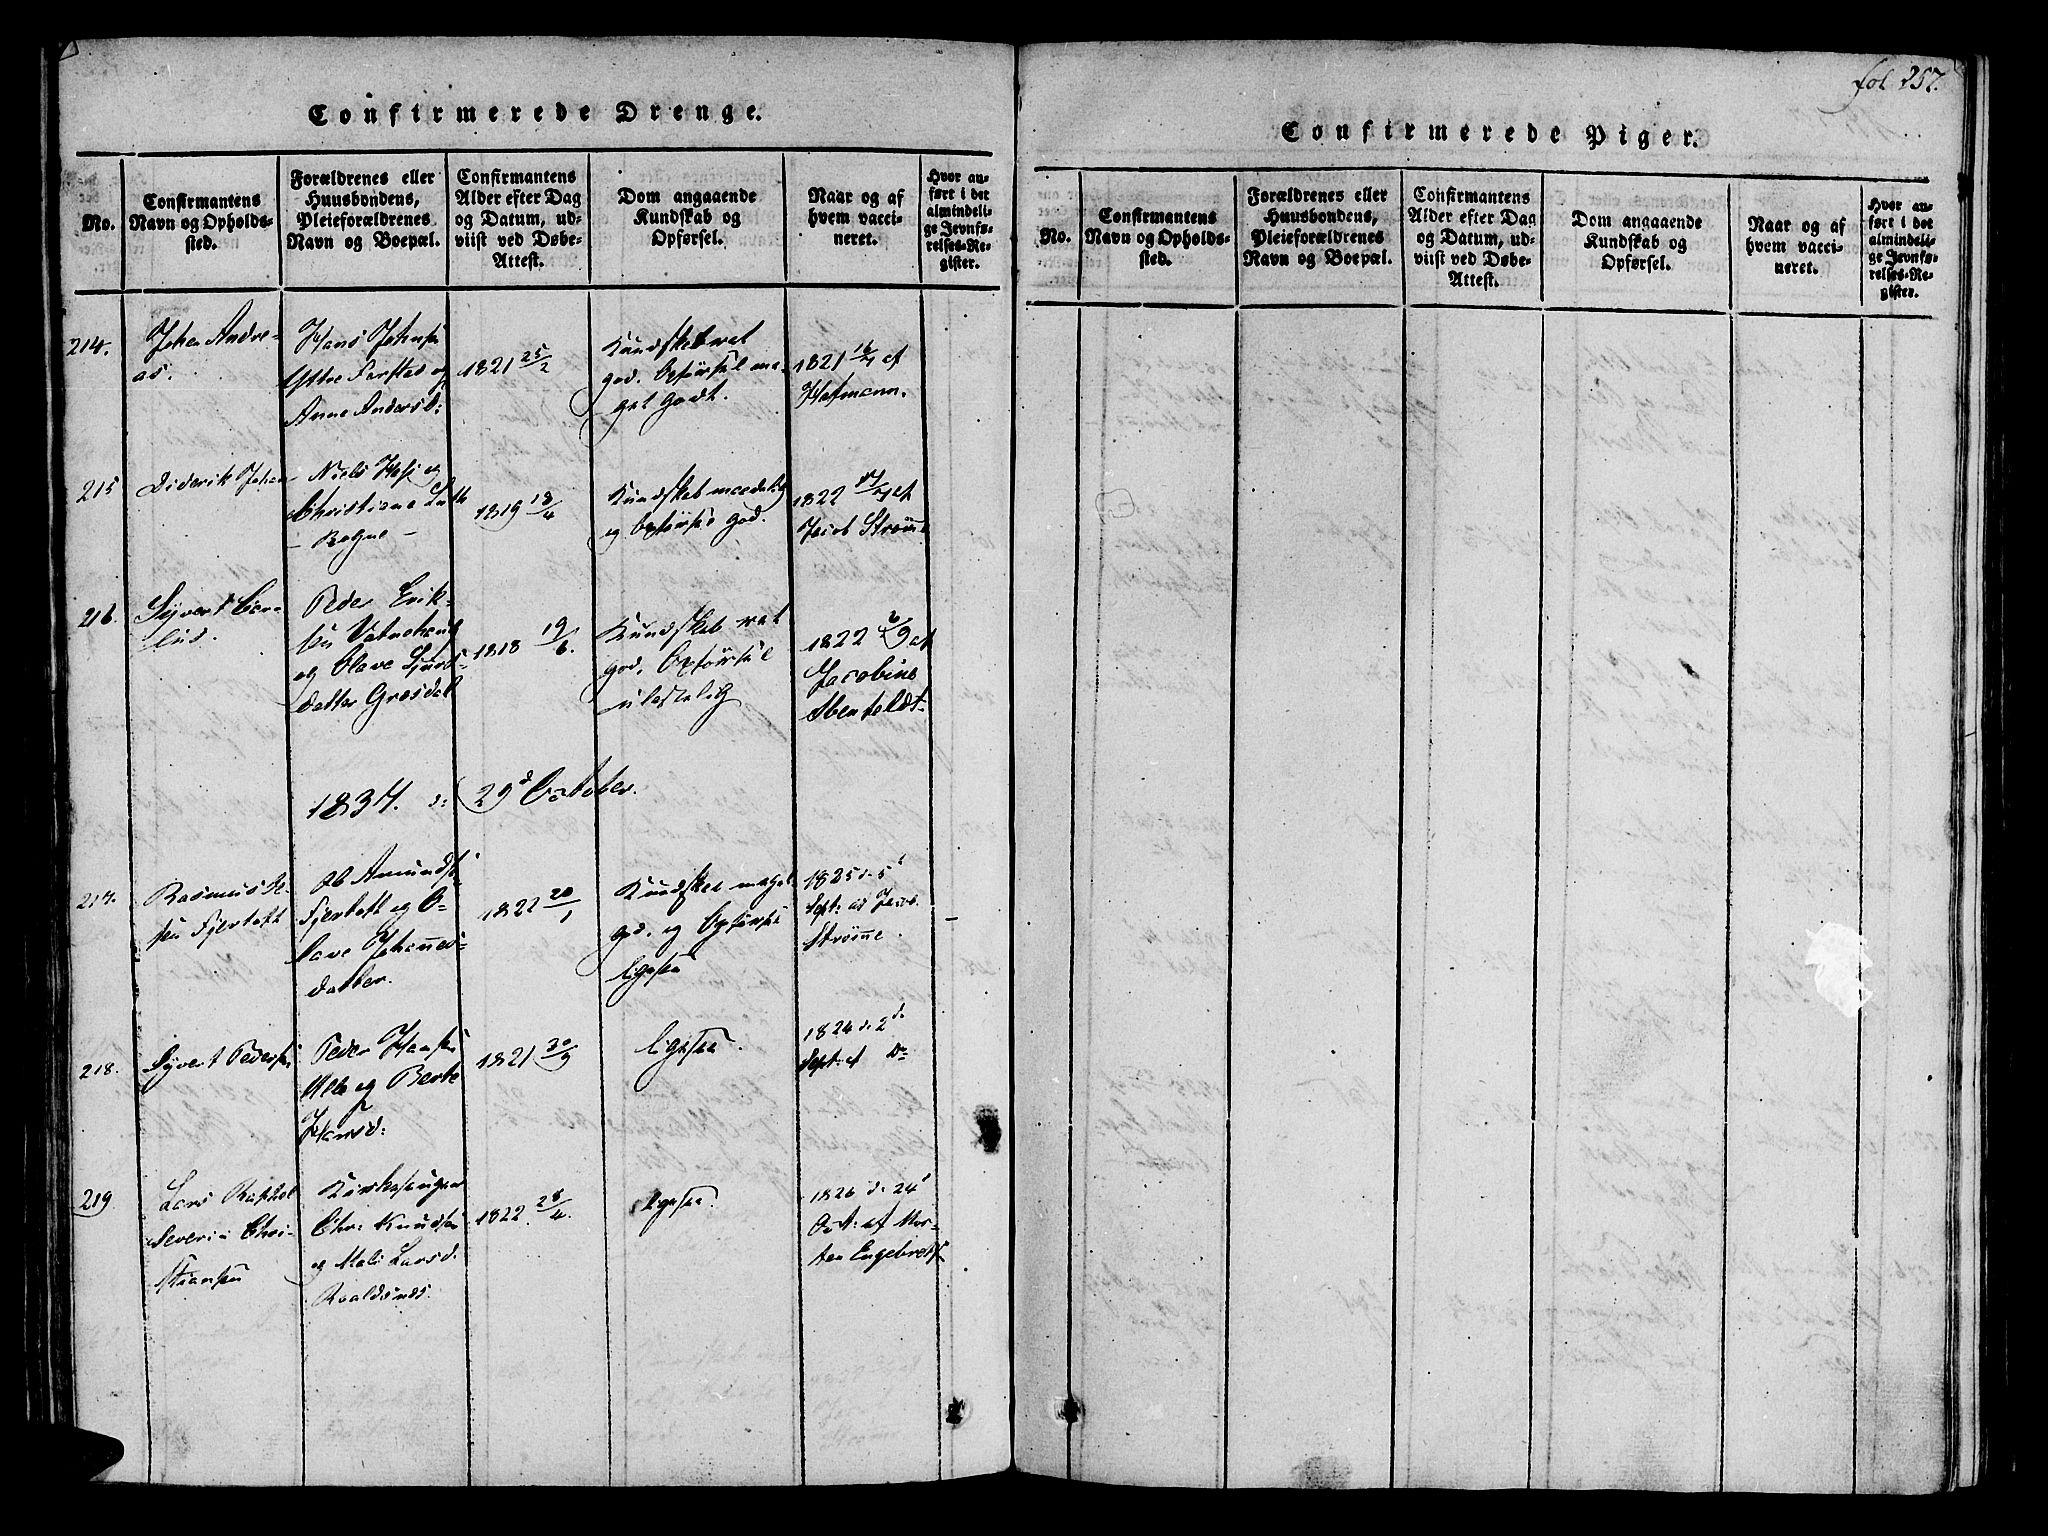 SAT, Ministerialprotokoller, klokkerbøker og fødselsregistre - Møre og Romsdal, 536/L0495: Parish register (official) no. 536A04, 1818-1847, p. 257